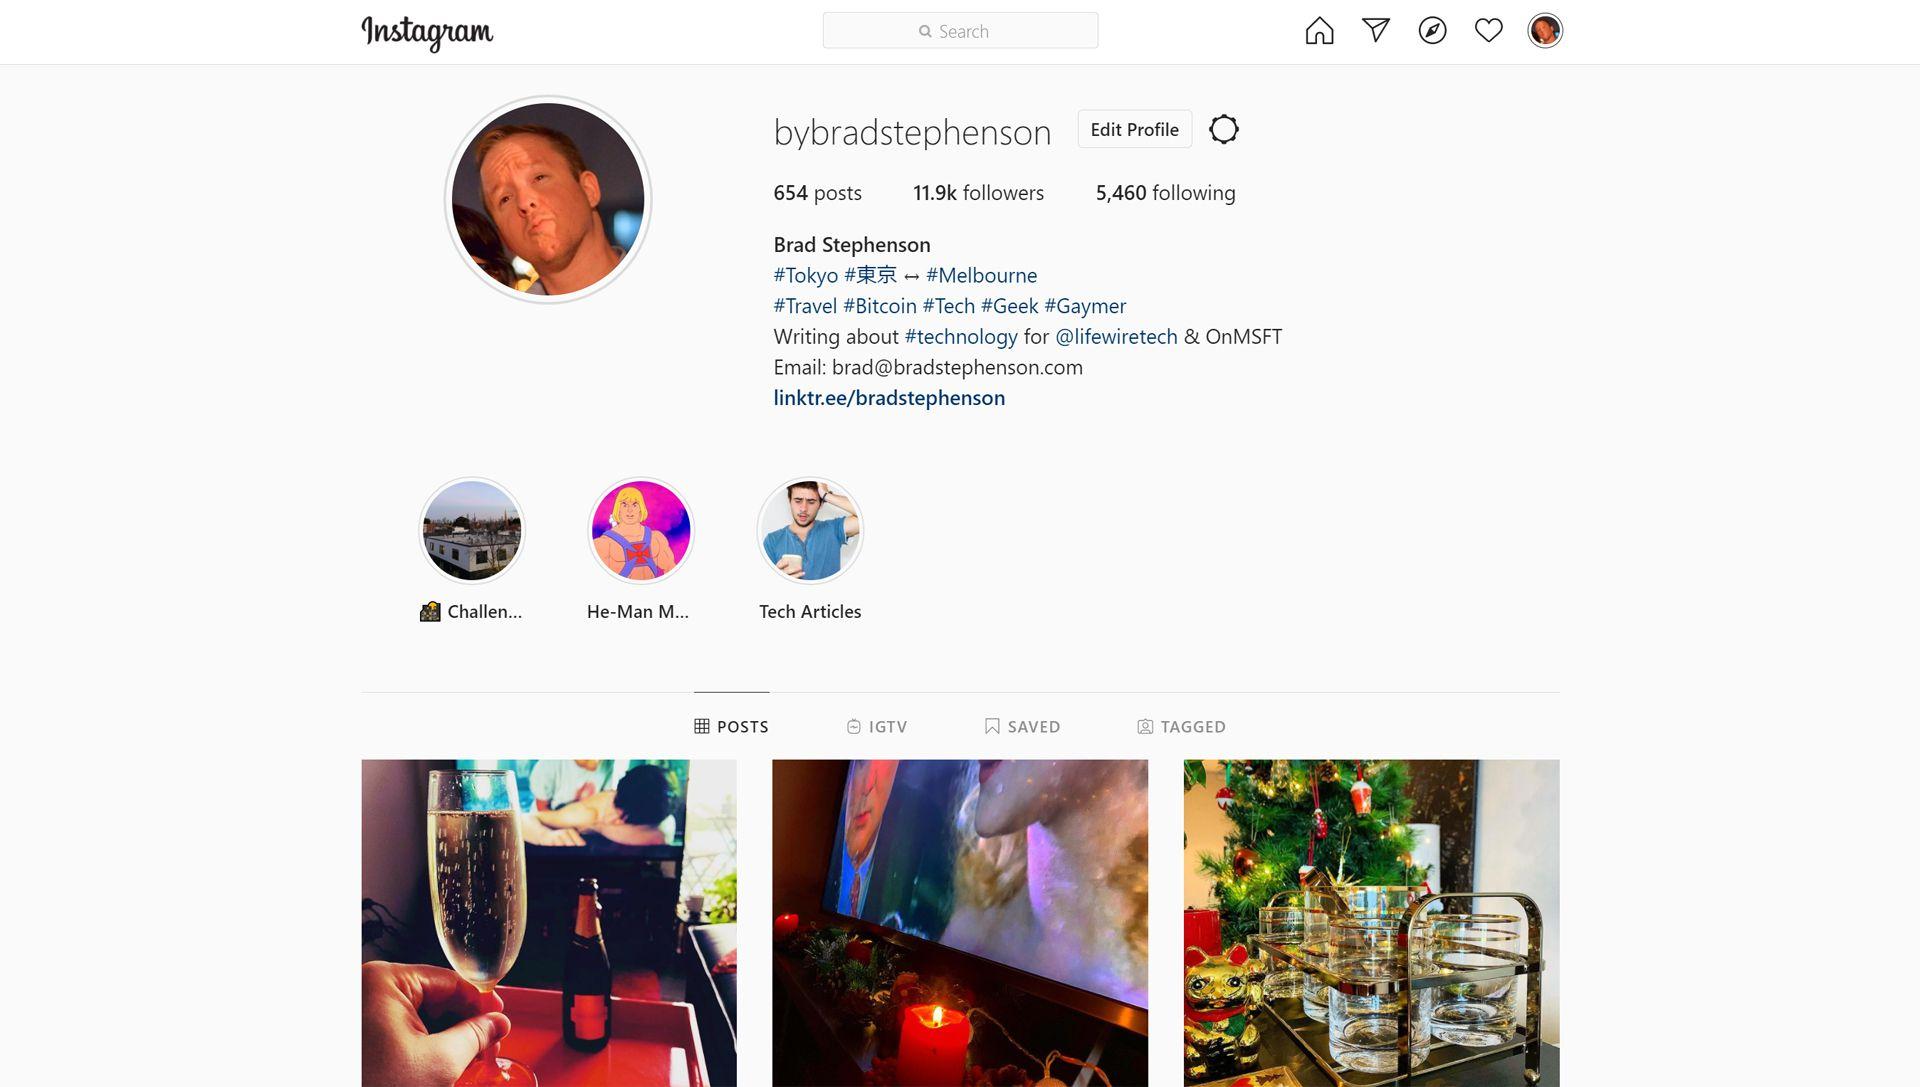 Instagram website.